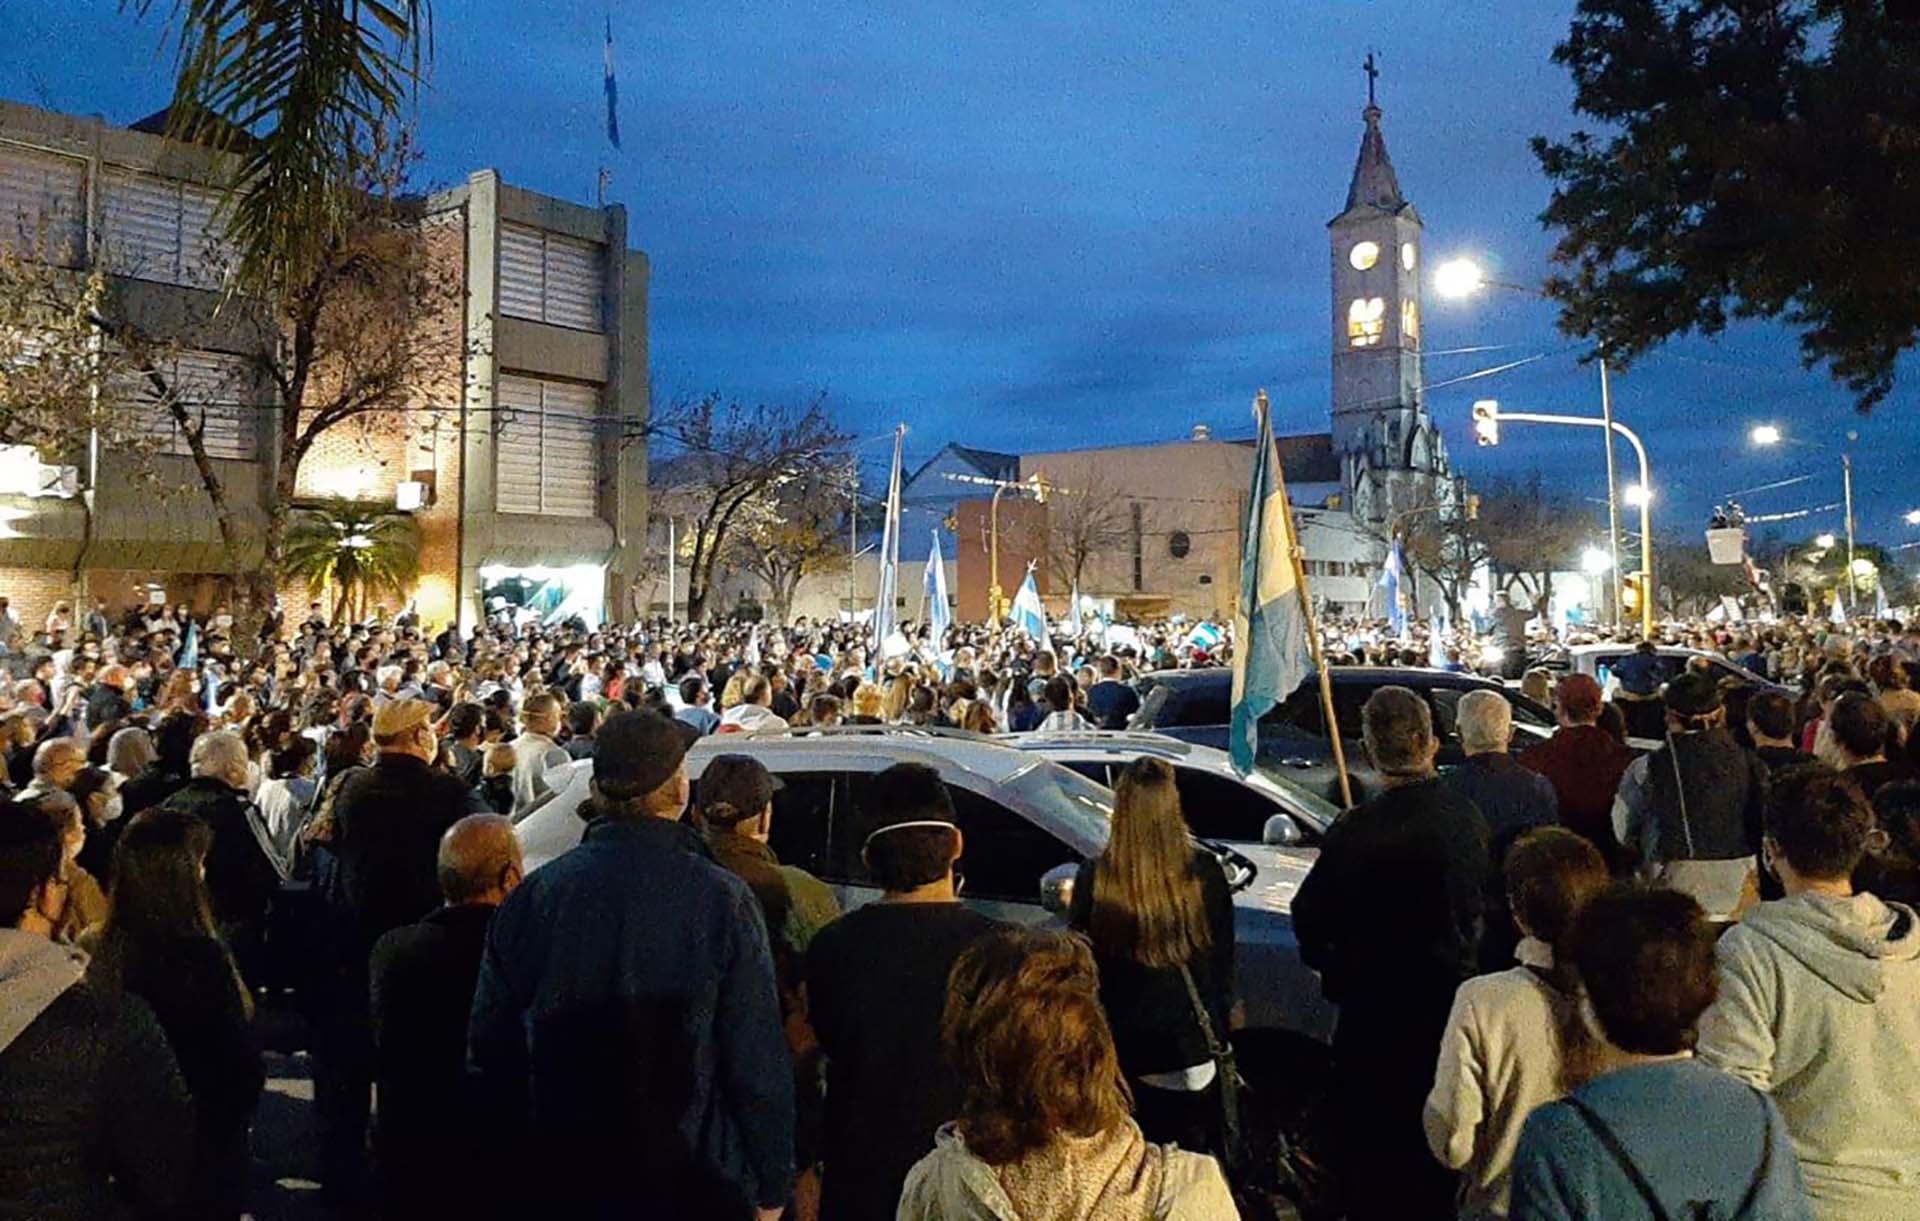 Vecinos protestan contra la expropiación de la empresa Vicentin frente a su sede en la localidad de Avellaneda, en la provincia de Santa Fe